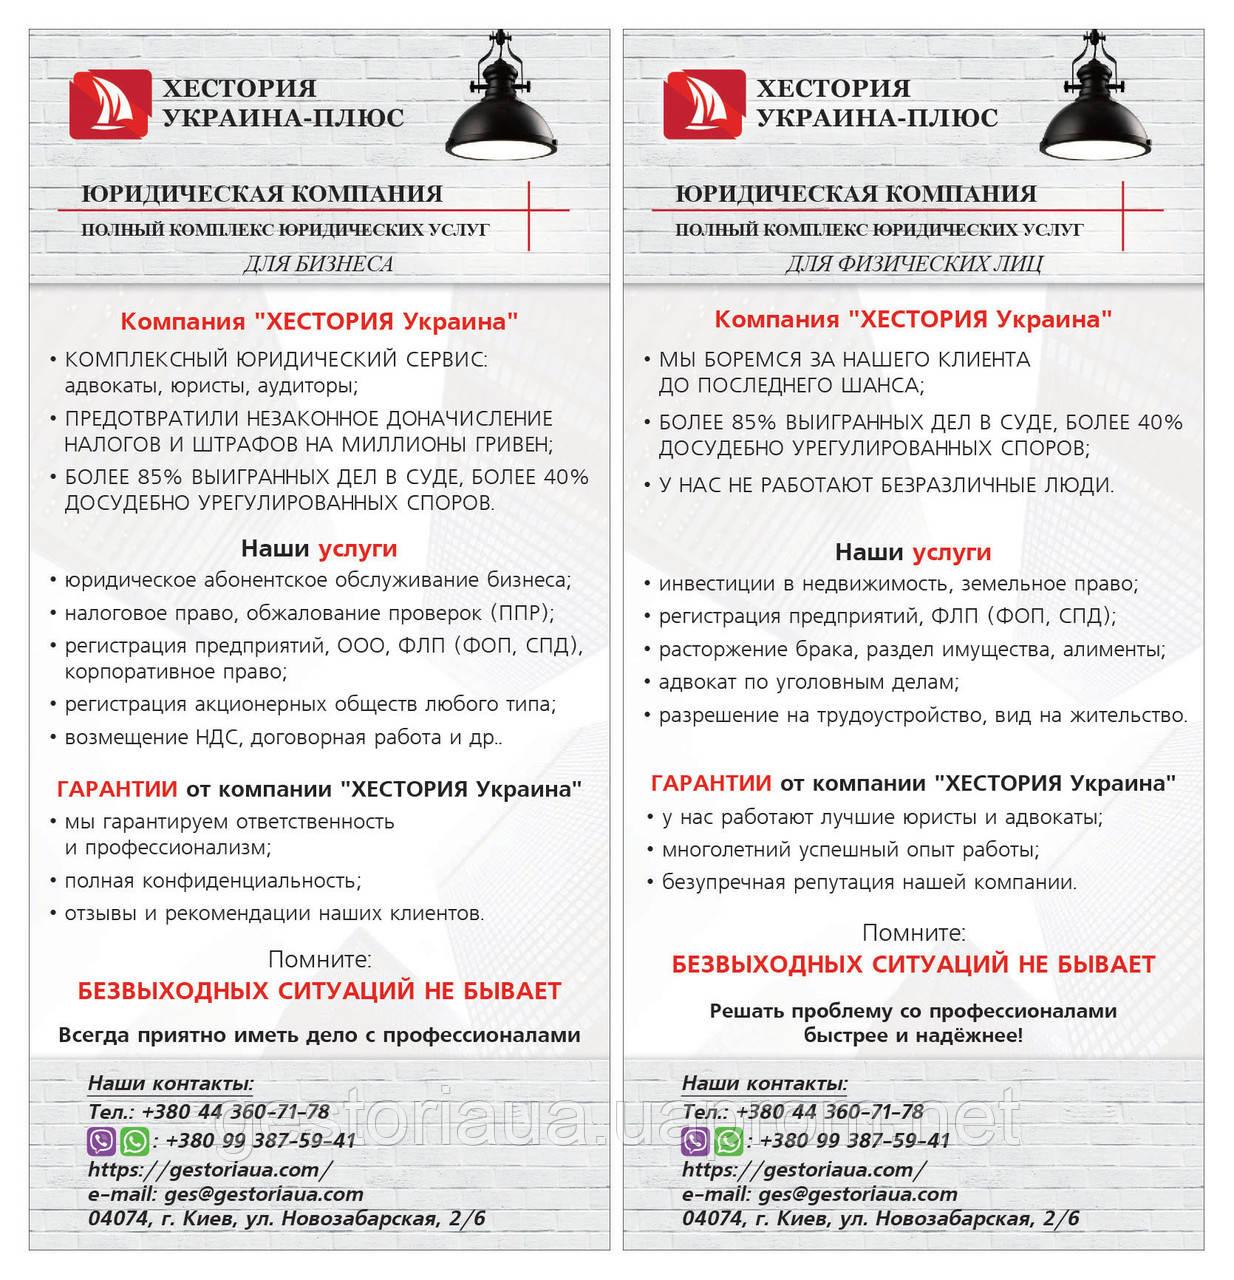 Бухгалтерский учет стоимость обслуживания форма регистрации в фсс ип как работодателя